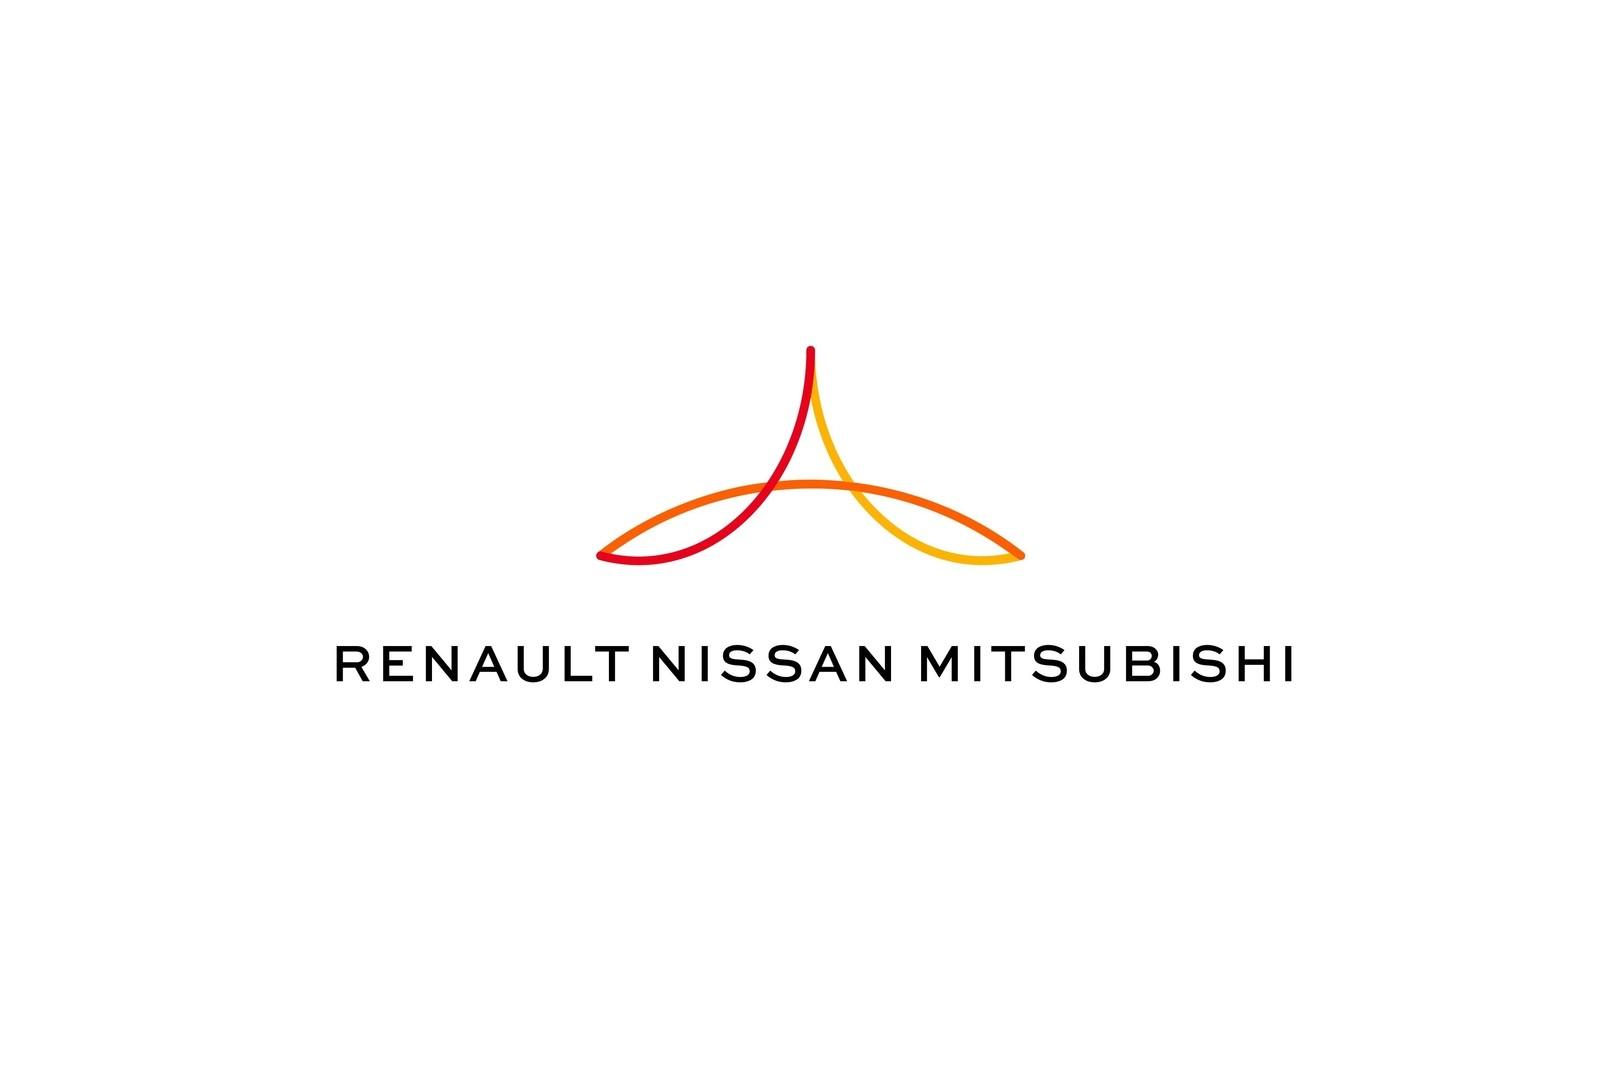 Renault и Nissan заявили о сохранении альянса на фоне шокирующего падения акций